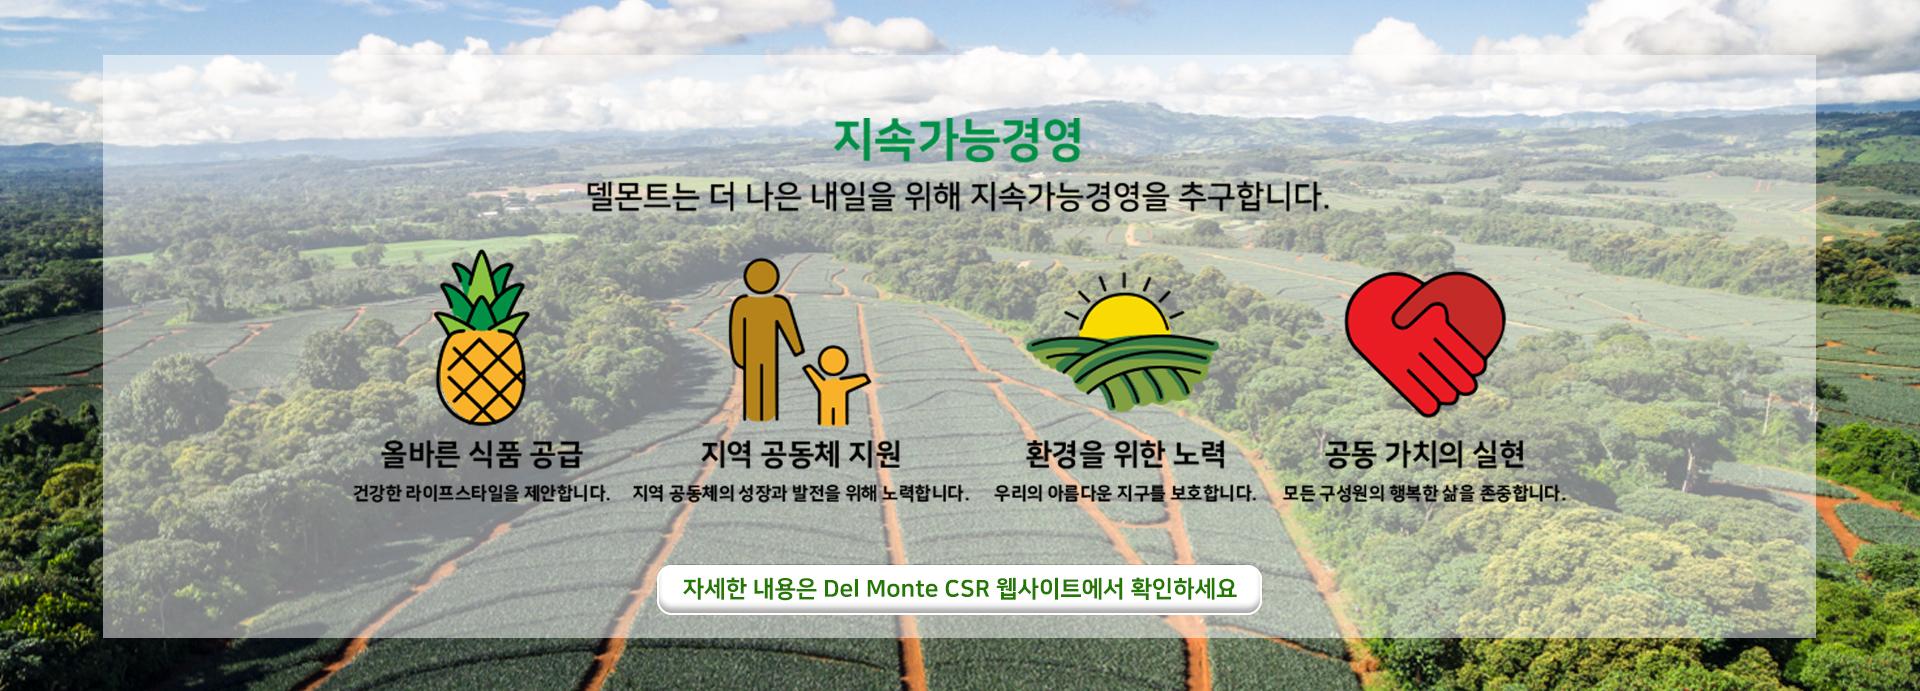 지속가능경영 델몬트는 더 나은 내일을 위해 지속가능경영을 추구합니다. 올바른 식품 공급 / 지역 공동체 지원 / 환경을 위한 노력 / 공동 가치의 실현